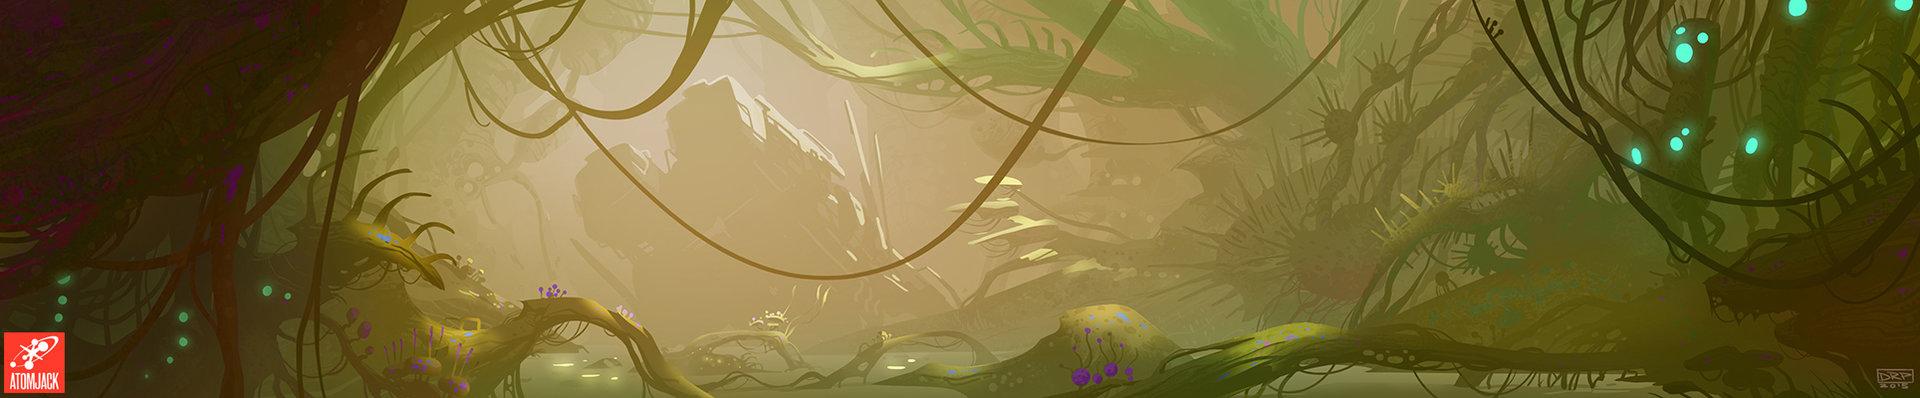 David paul swamp 01 medium